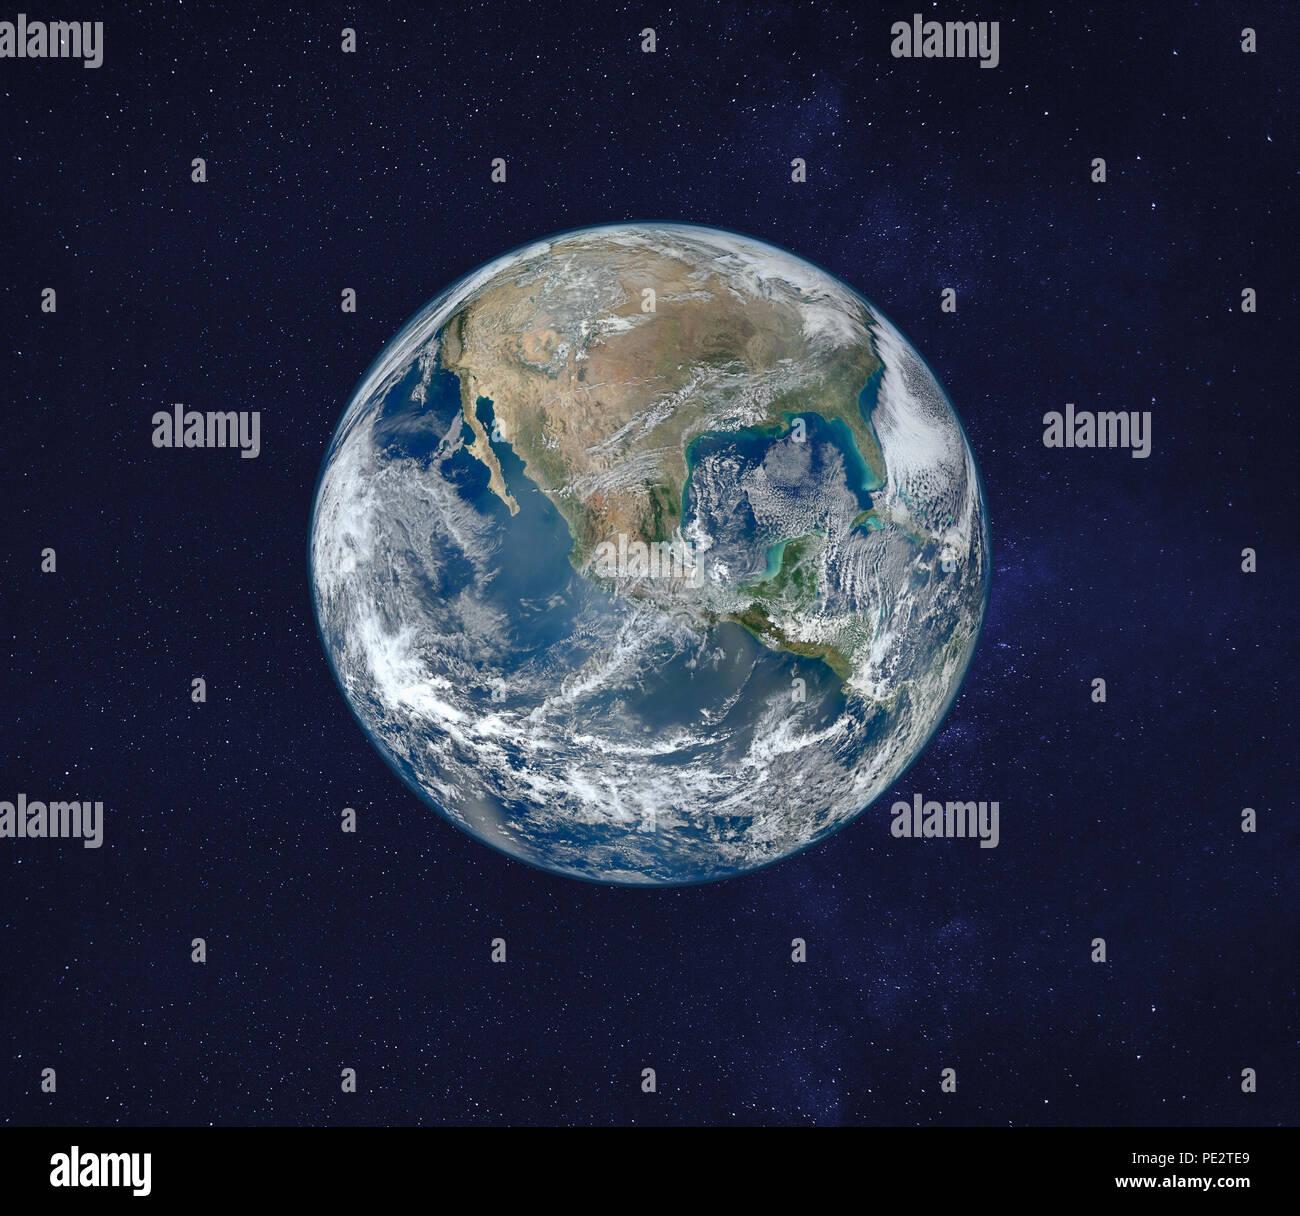 Ansicht der Erde aus dem Weltraum, original Bild von der NASA eingerichtet Stockfoto